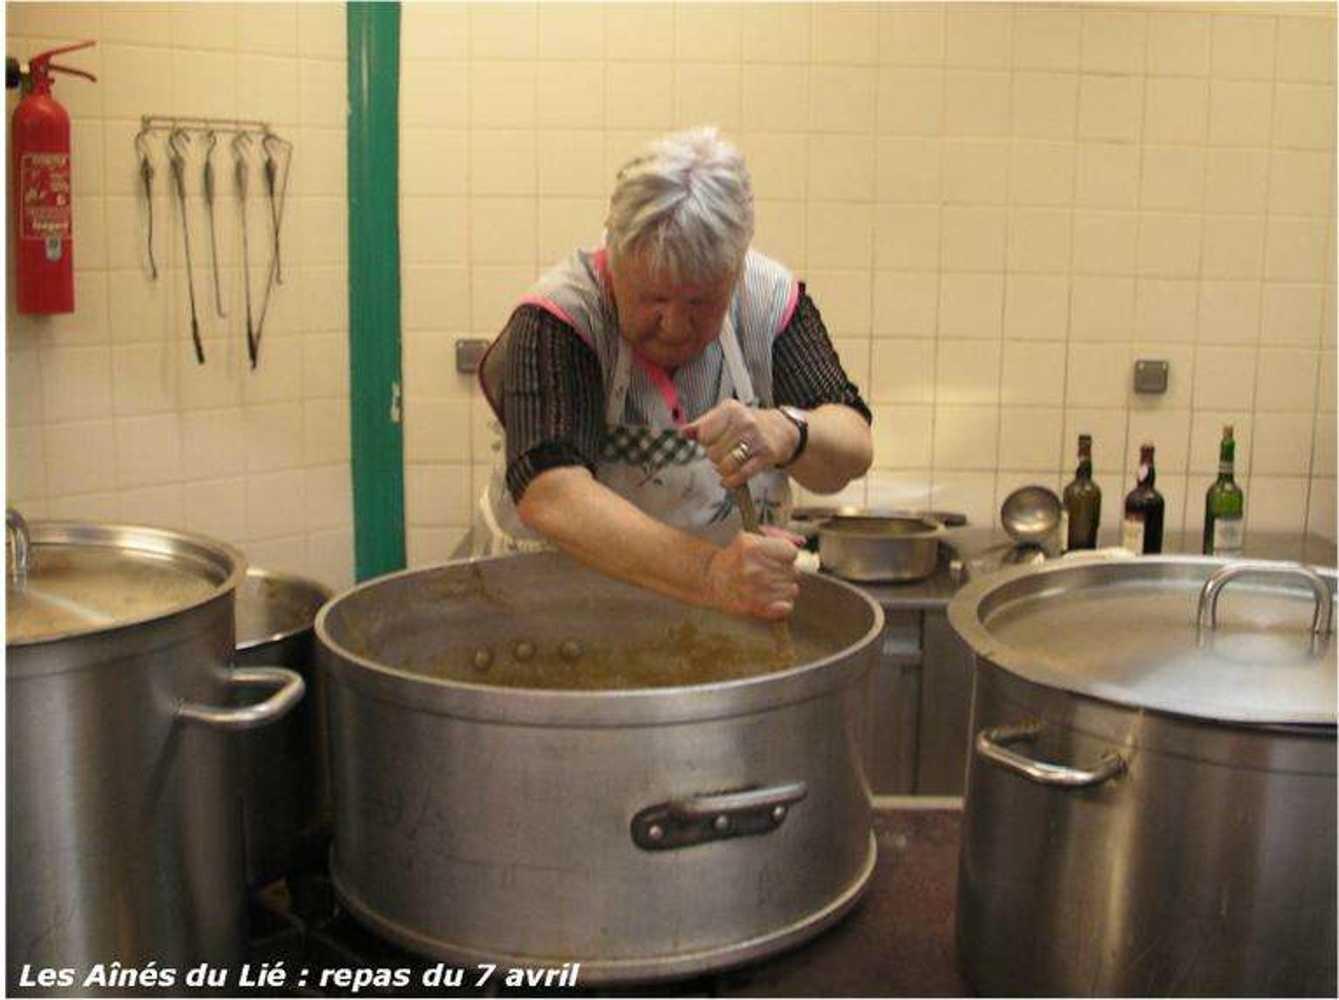 Les Aînés du Lié : photos du repas langue de boeuf image33